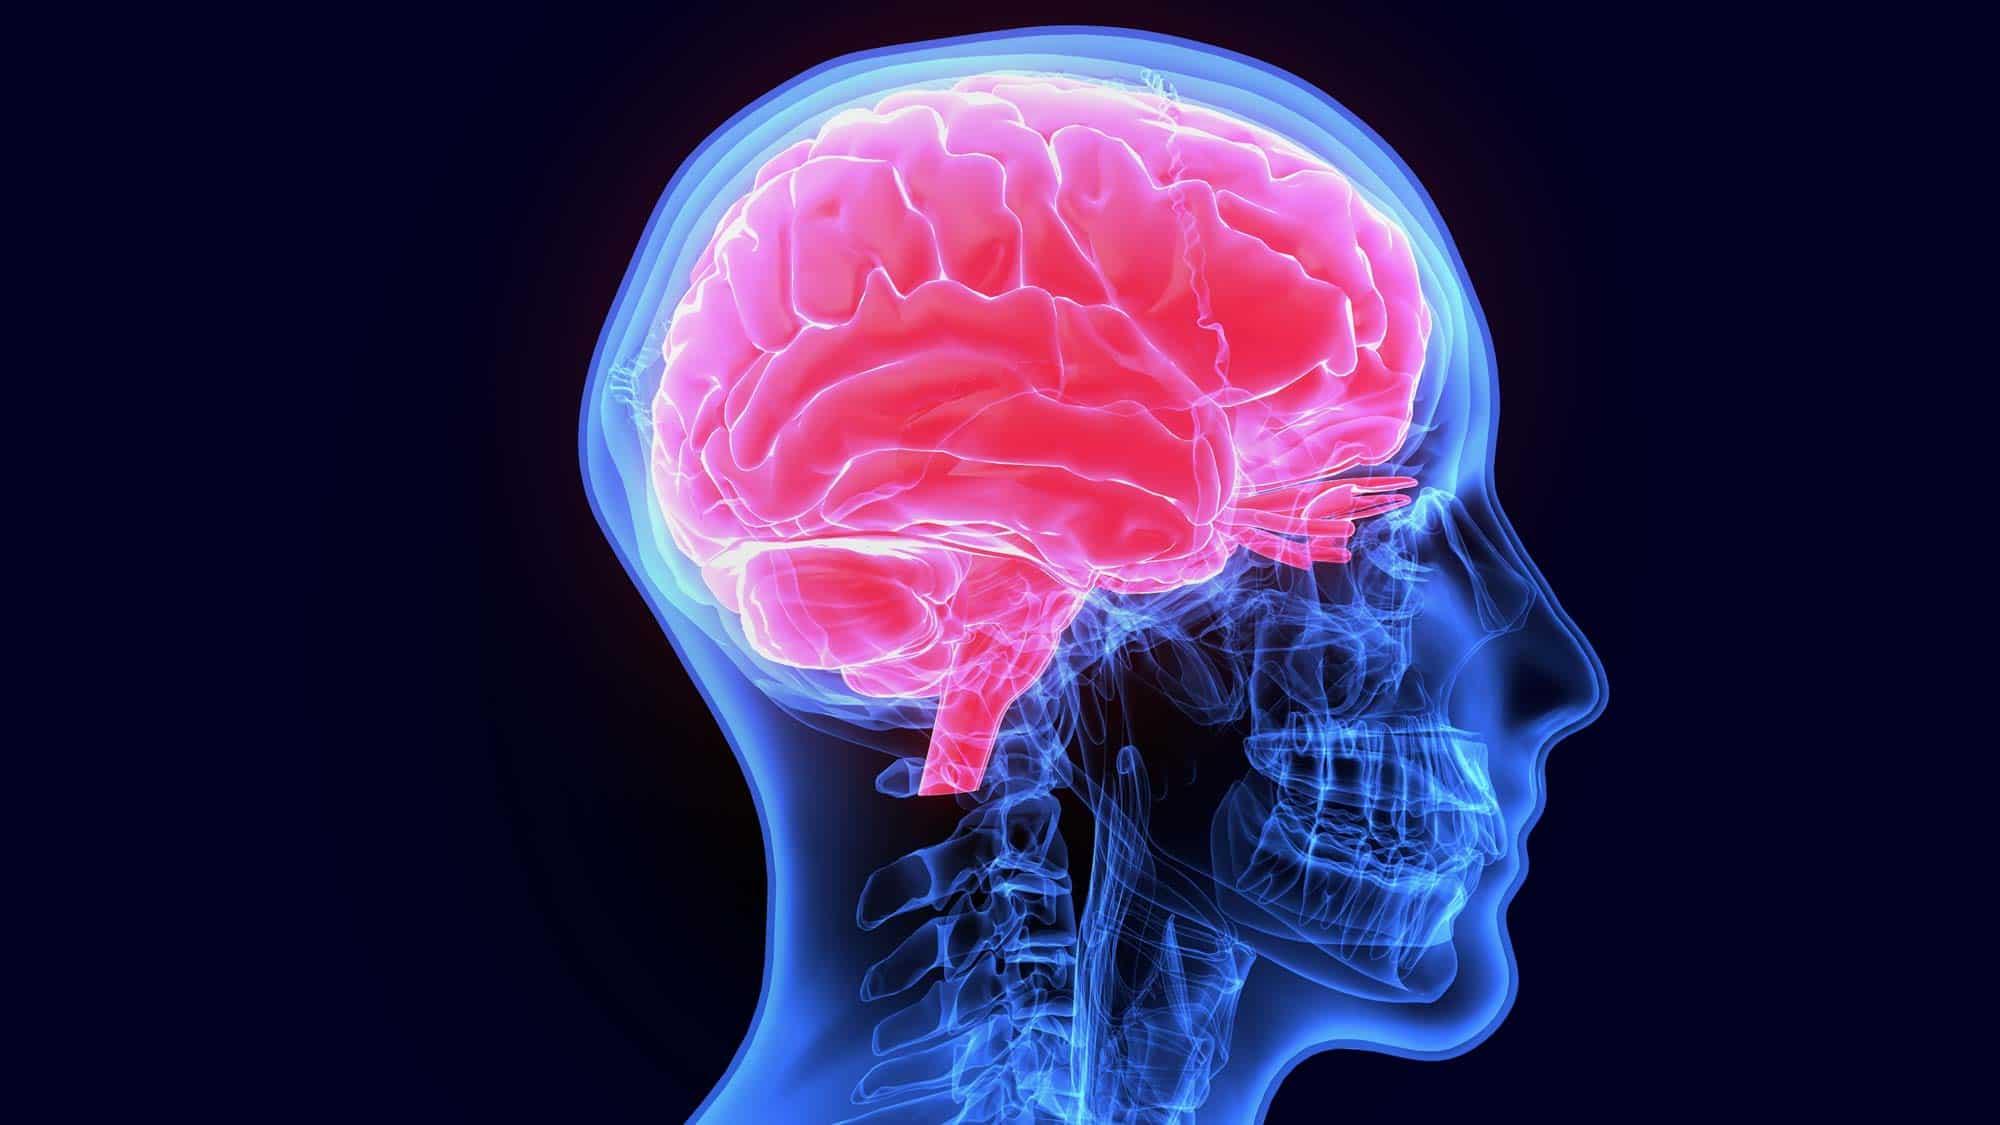 Gehirnaufnahme von CFS Kopf